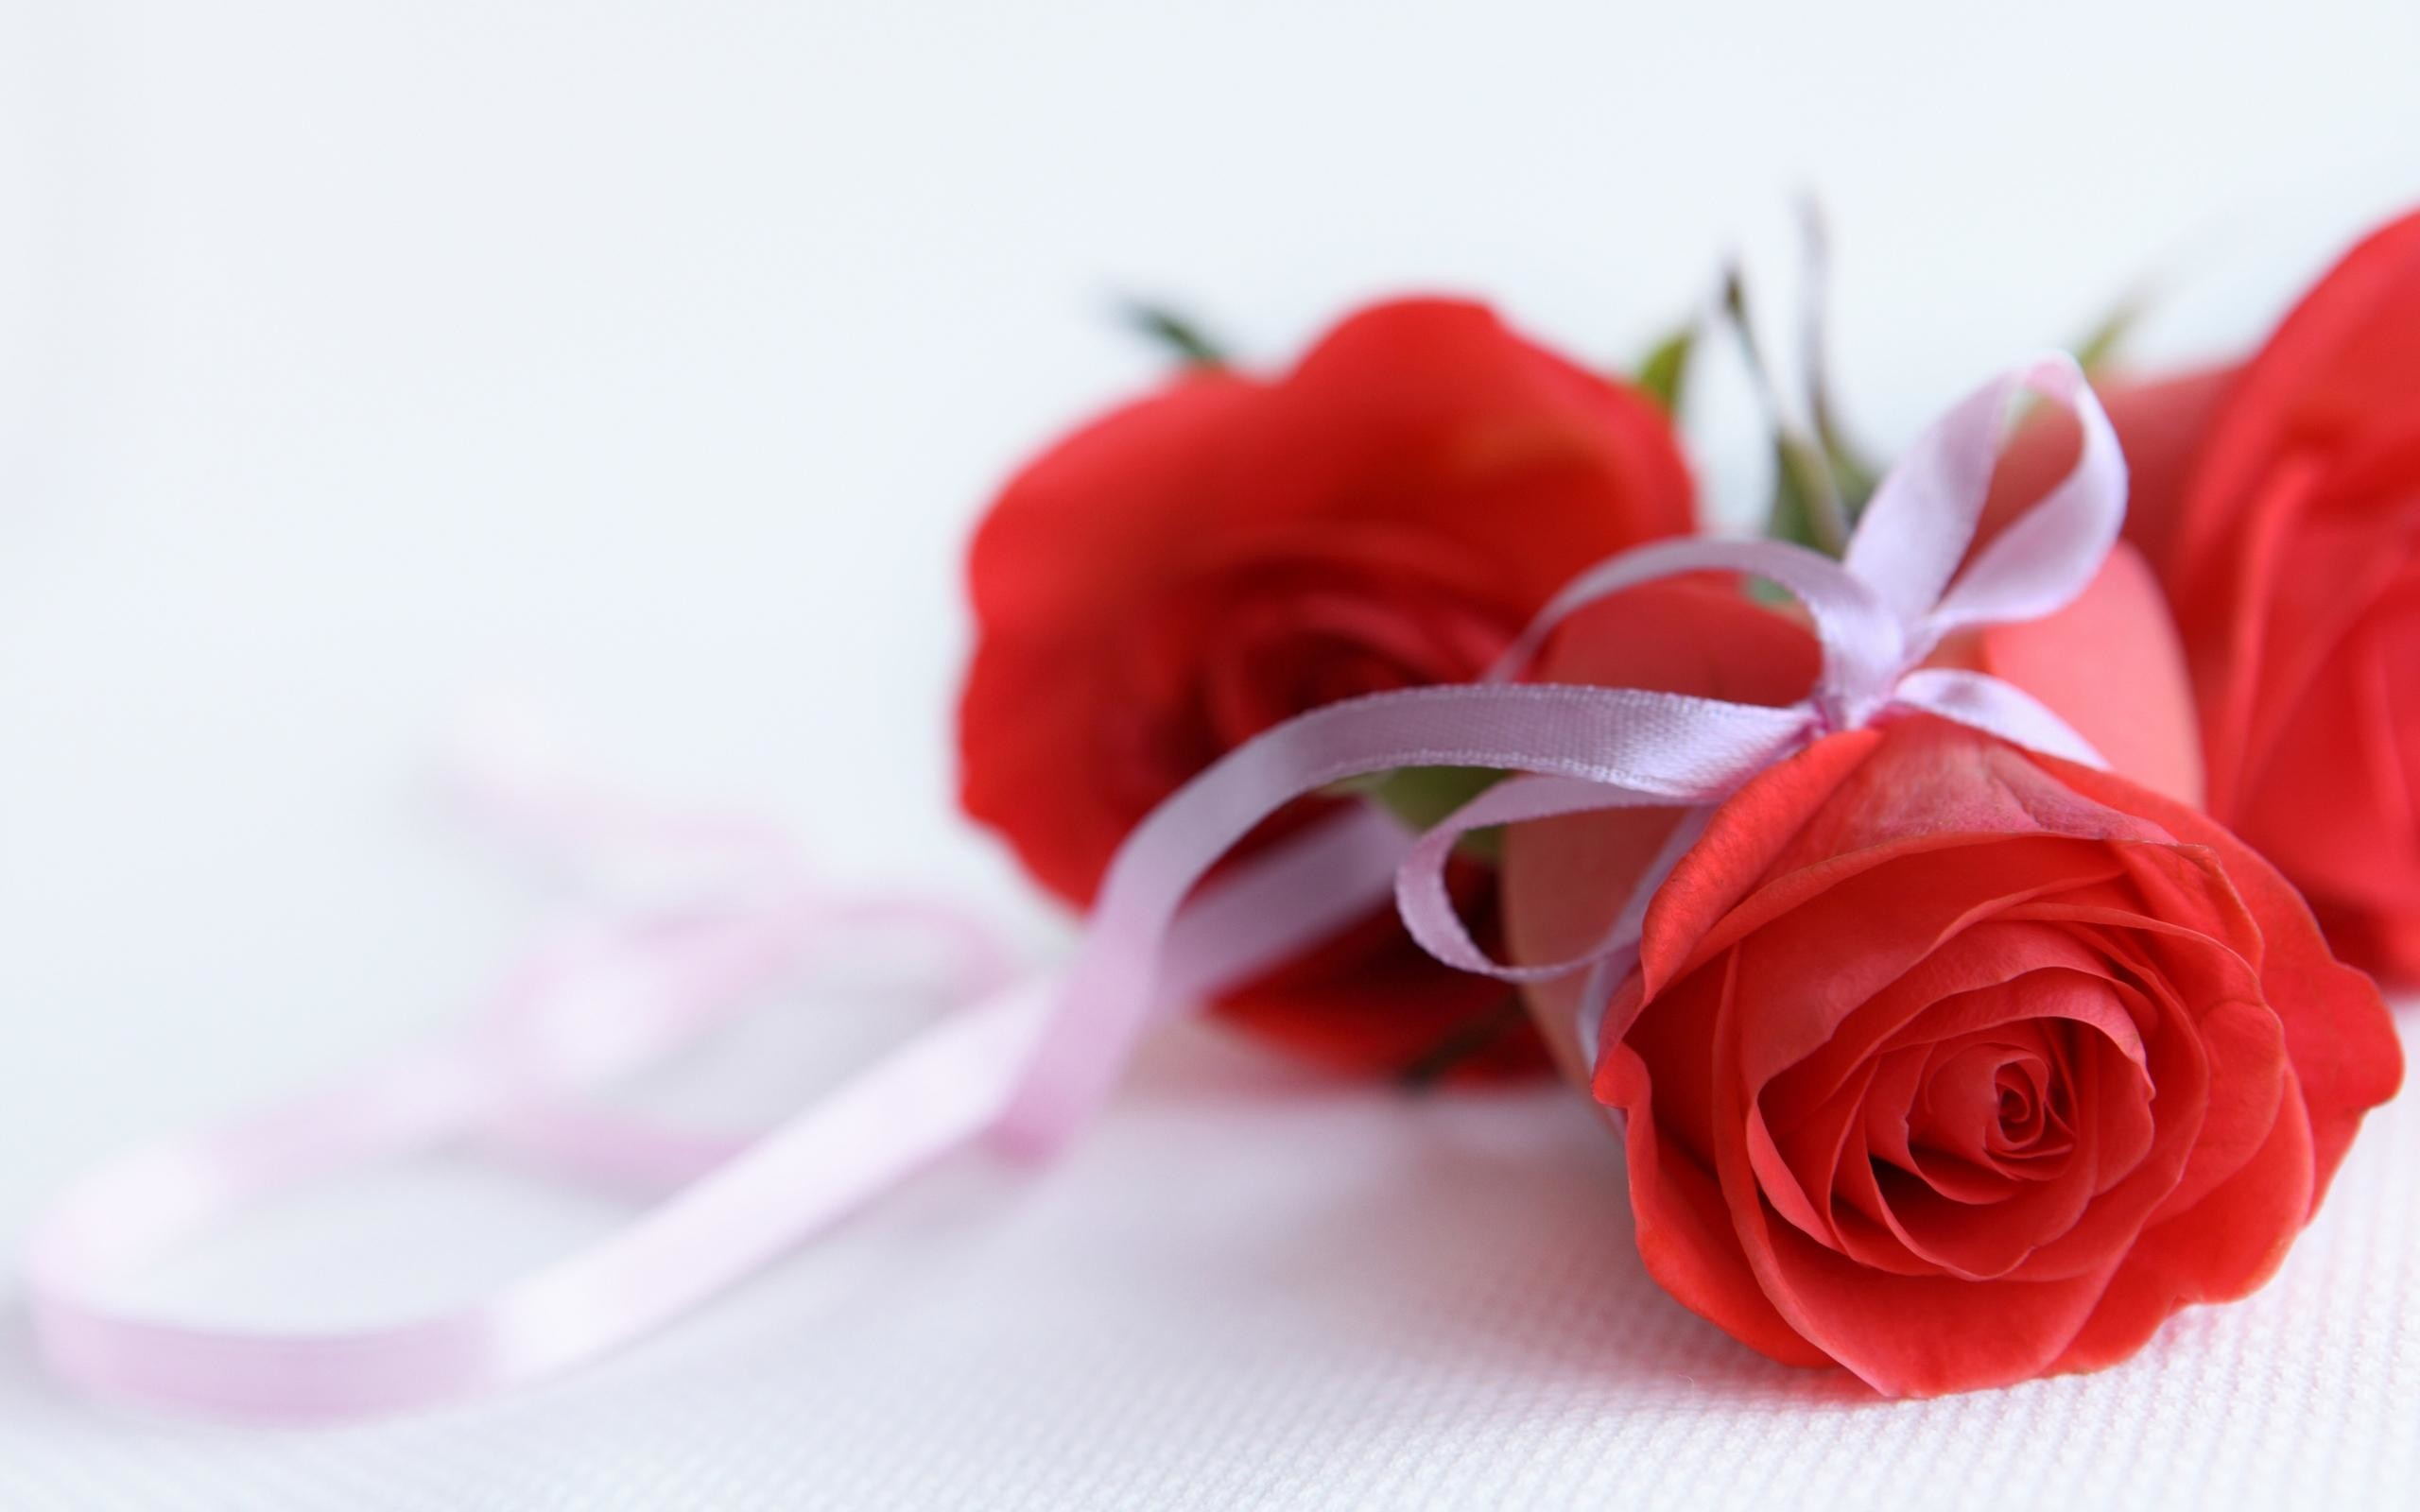 Red Roses On White Background HD desktop wallpaper : High Definition :  Fullscreen : Mobile